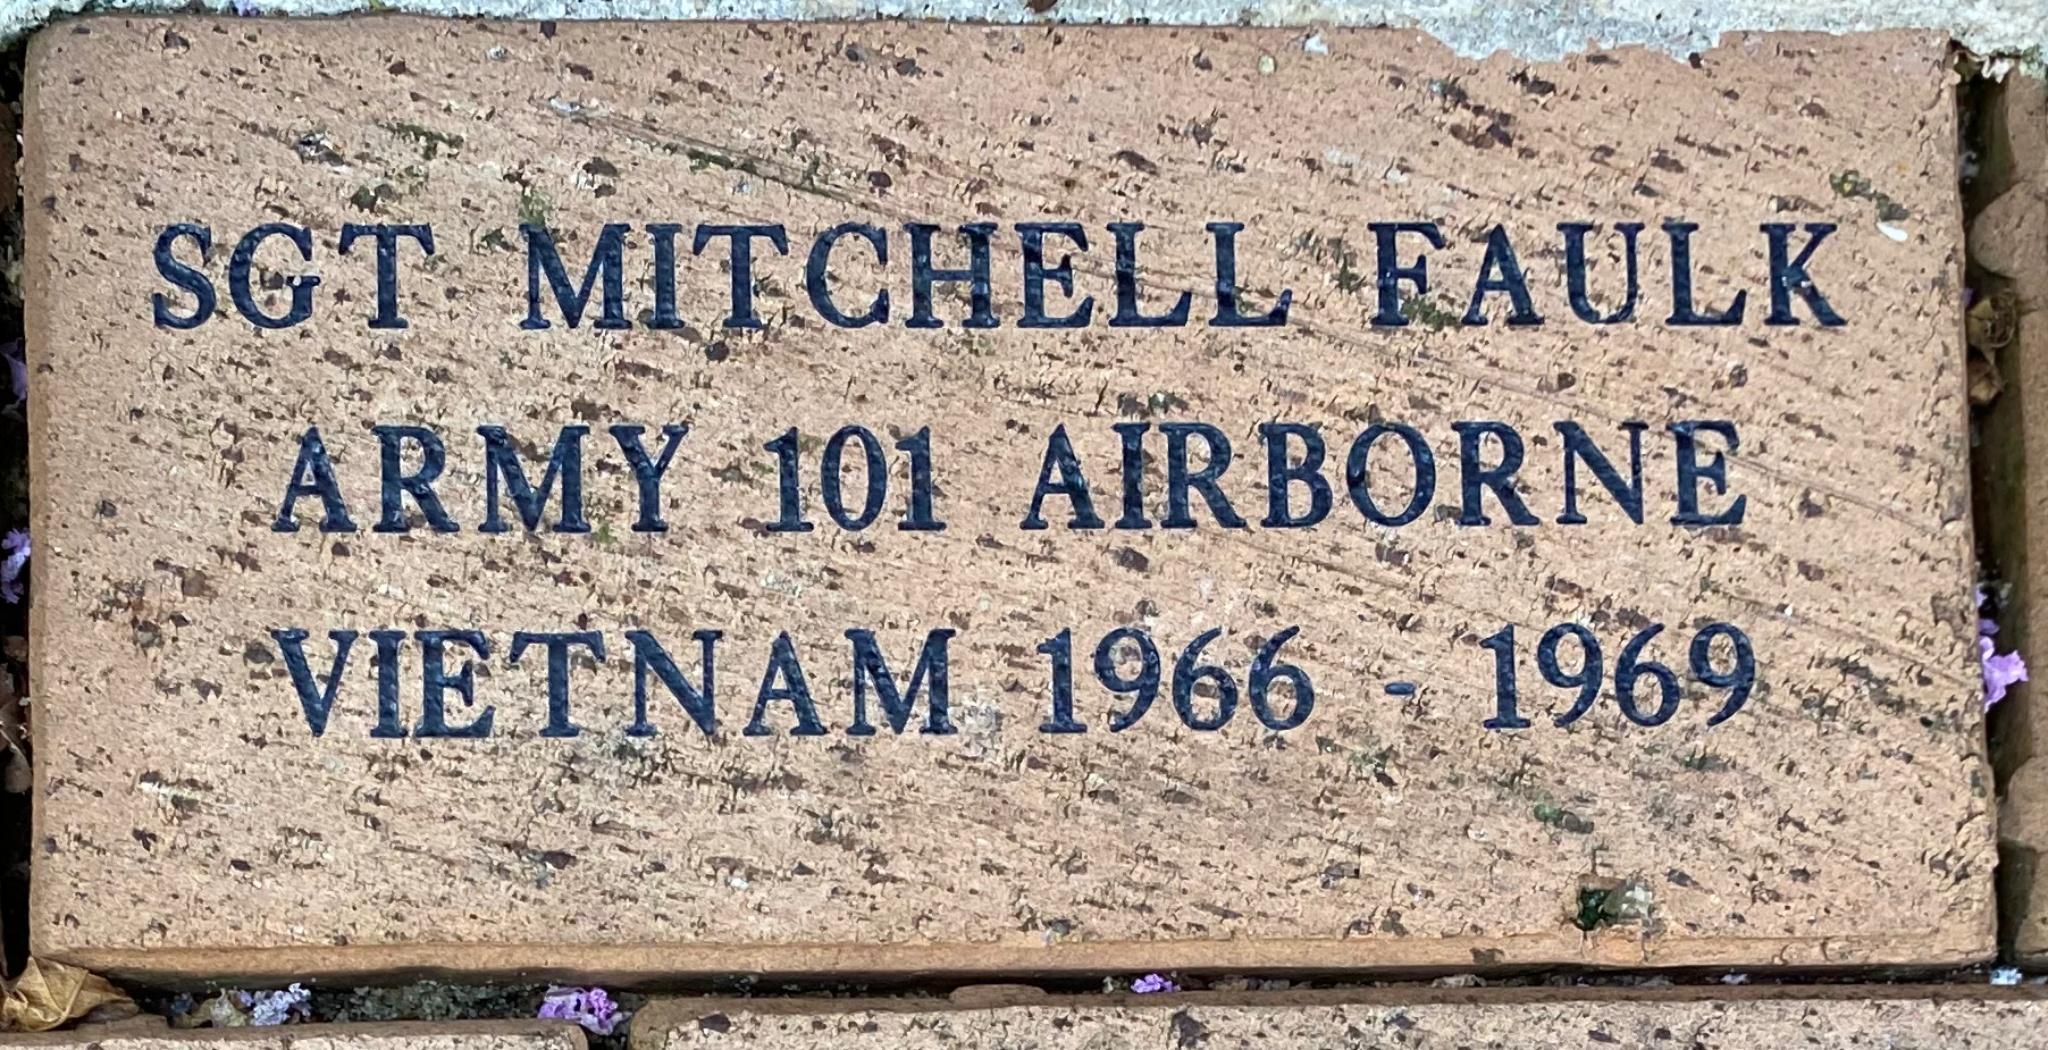 SGT MITCHELL FAULK ARMY 101 AIRBORNE VIETNAM 1966 – 1969